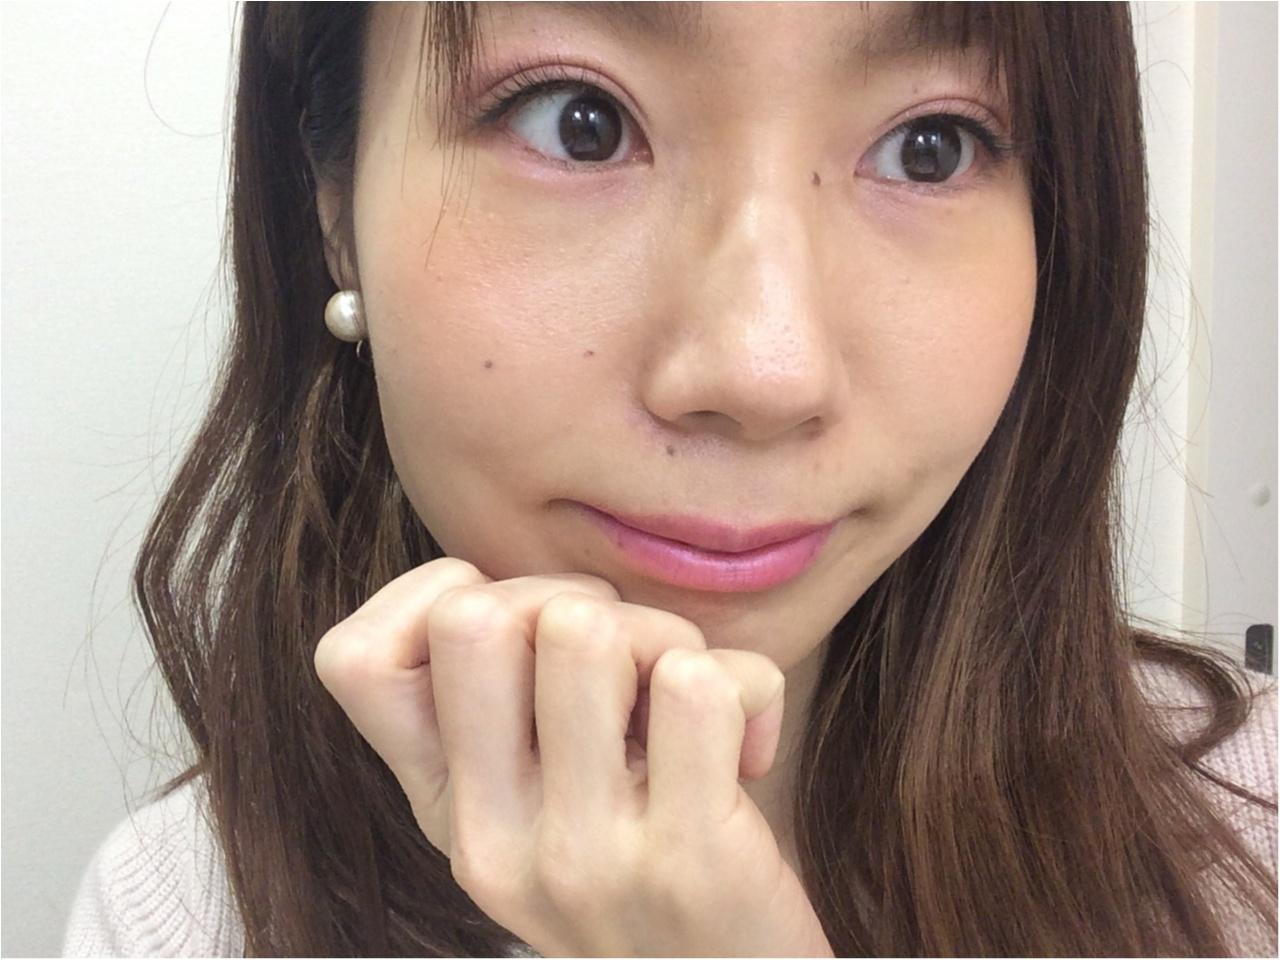 【RMK春夏】「ピンク×ベージュ」イベントのメイク体験レポ!around27に似合う、新生《大人ピンク》顔とは??_4